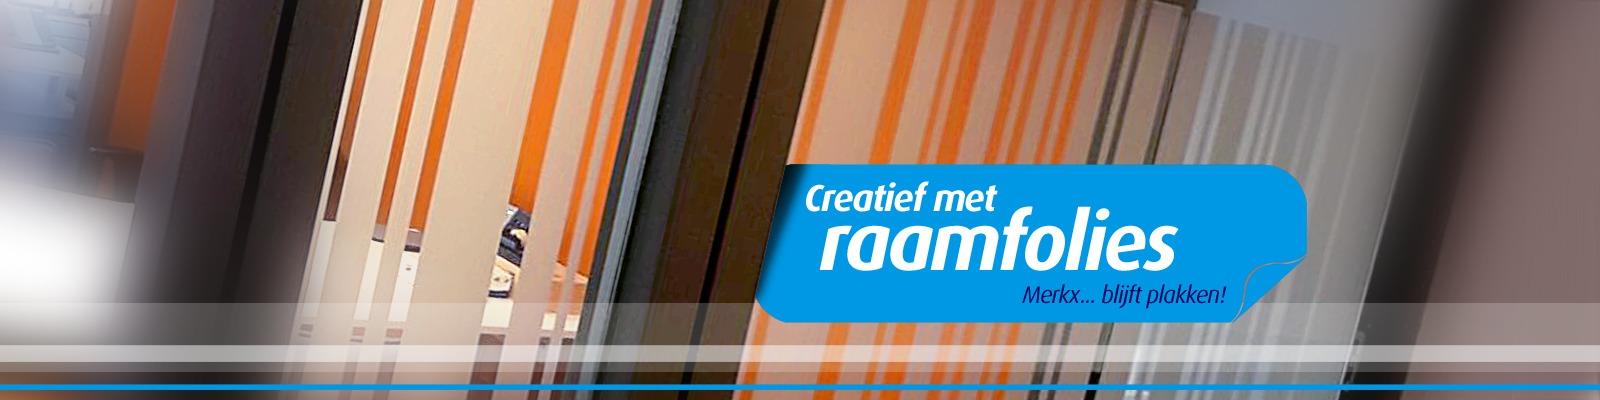 Merkx - Creatief met raamfolies